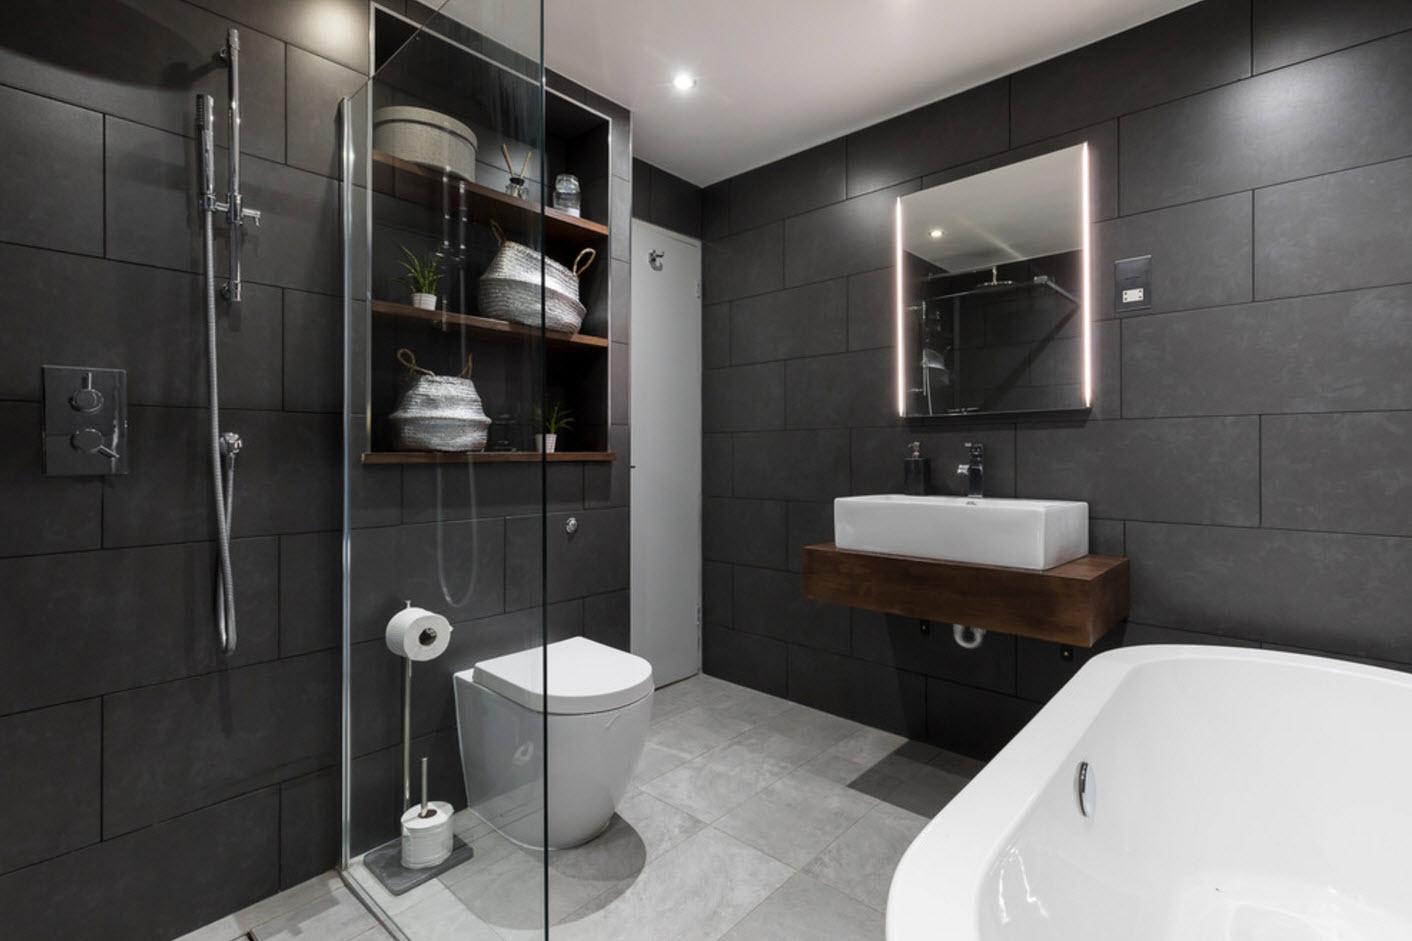 дизайн объединенной ванной с туалетом